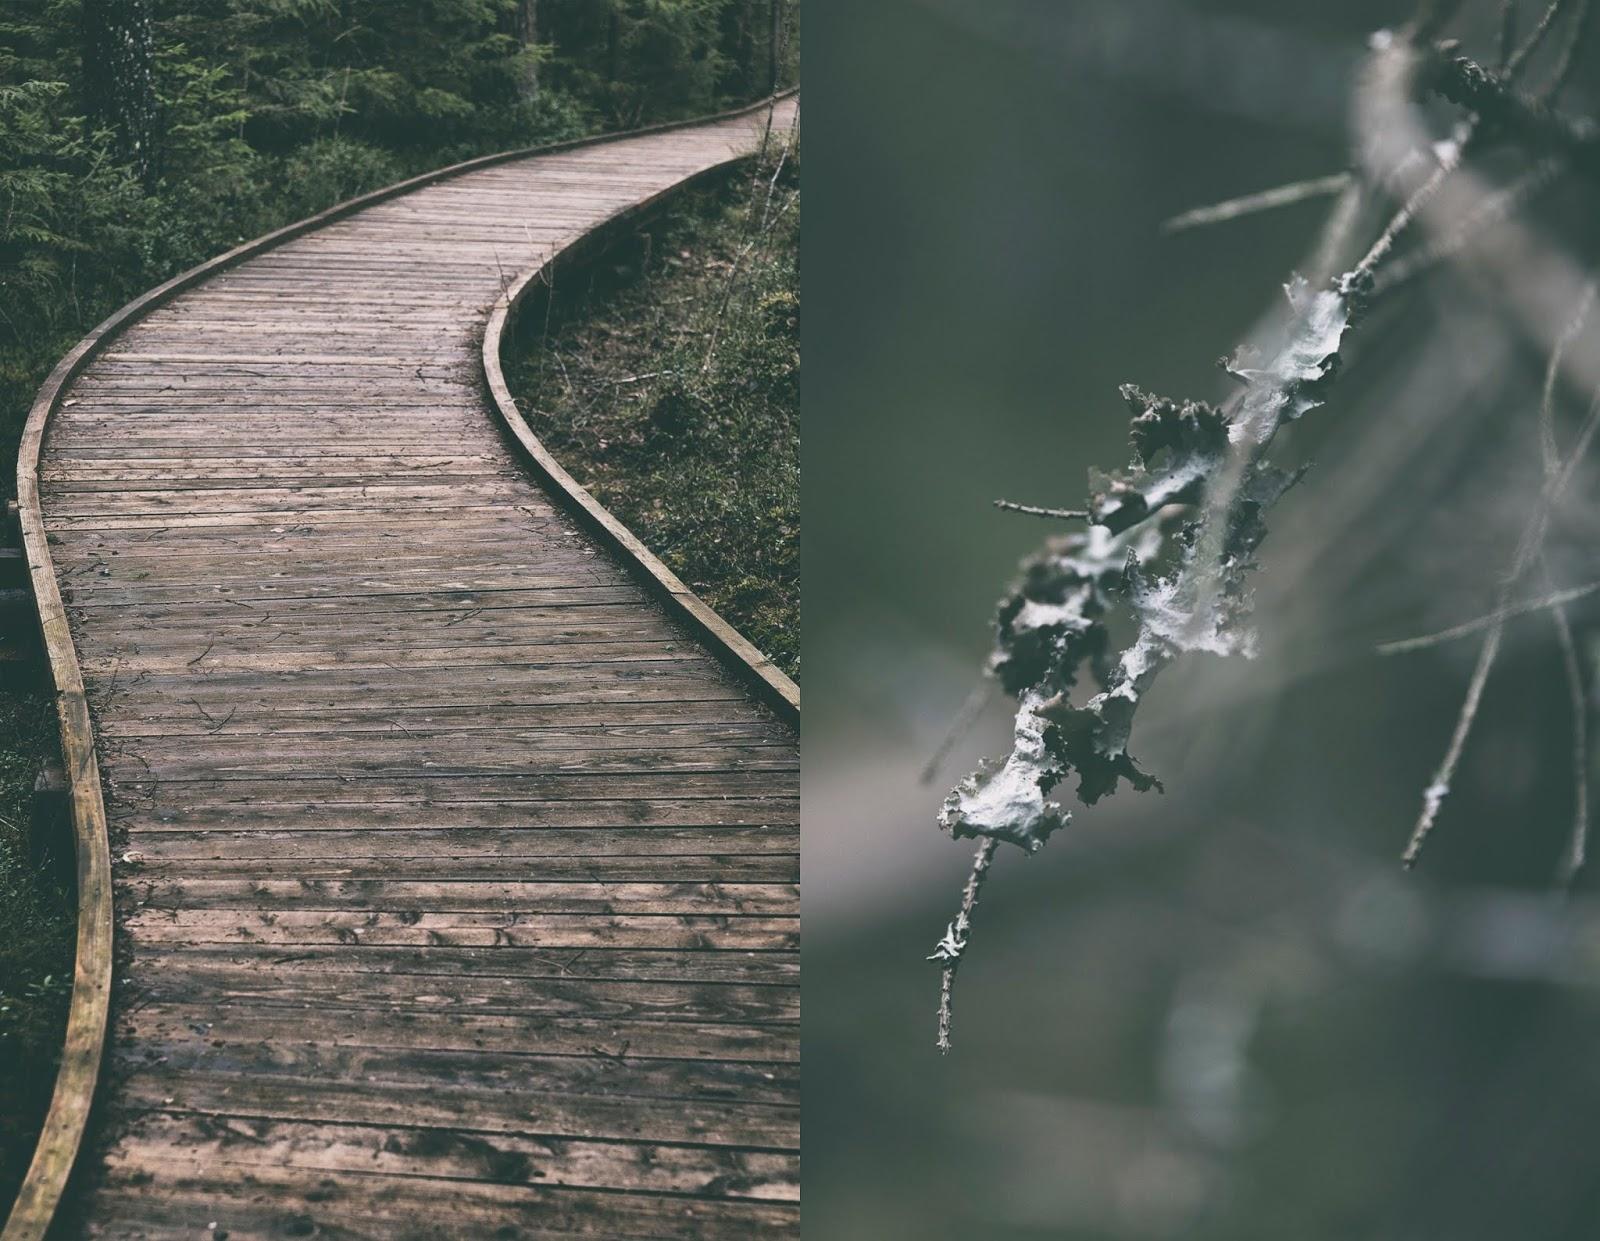 Hyvinkää, Terveysmetsä, luonto, luontopolku, nature, woods, metsä, metsäreitti, naturephotography, polku, valokuvaus, valokuvaaminen, Frida Steiner, Visualaddict, visualaddictfrida, luontovalokuvaus, this is Finland, Suomi, visit finland